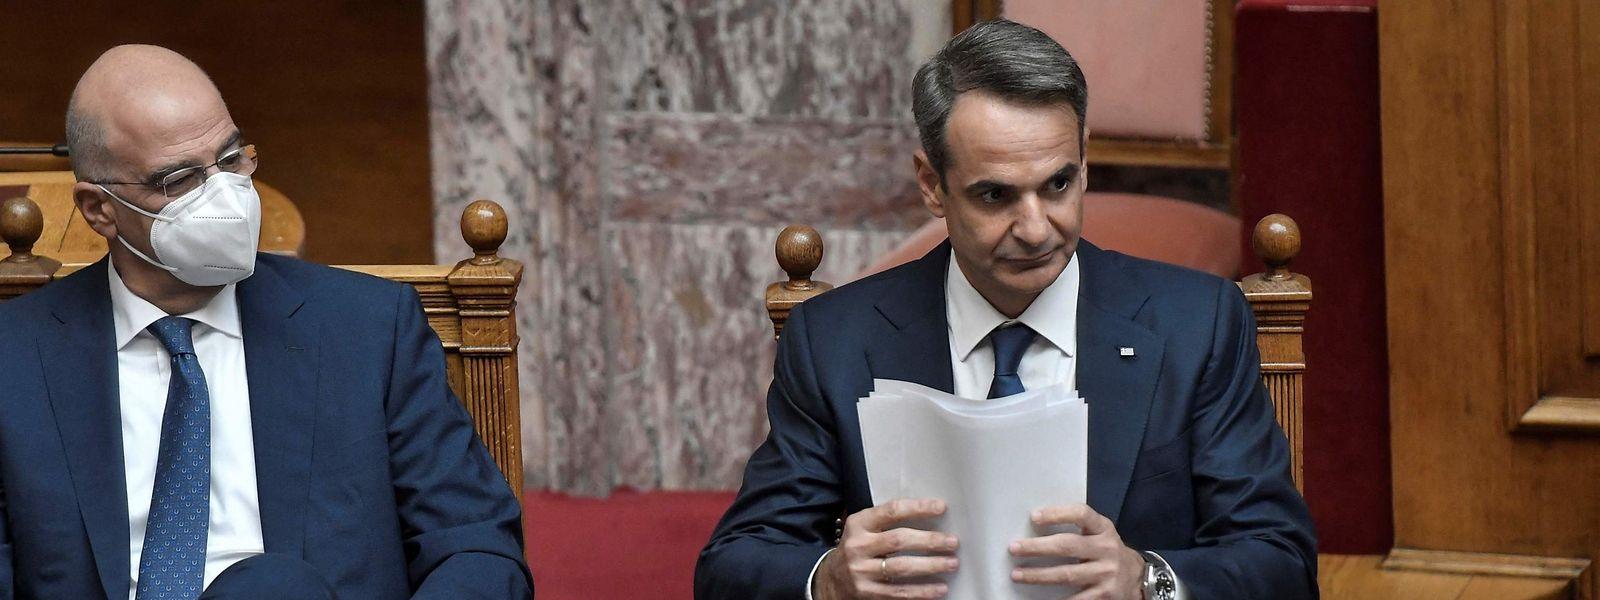 Der griechische Premierminister Kyriakos Mitsotakis (rechts) im Parlament.